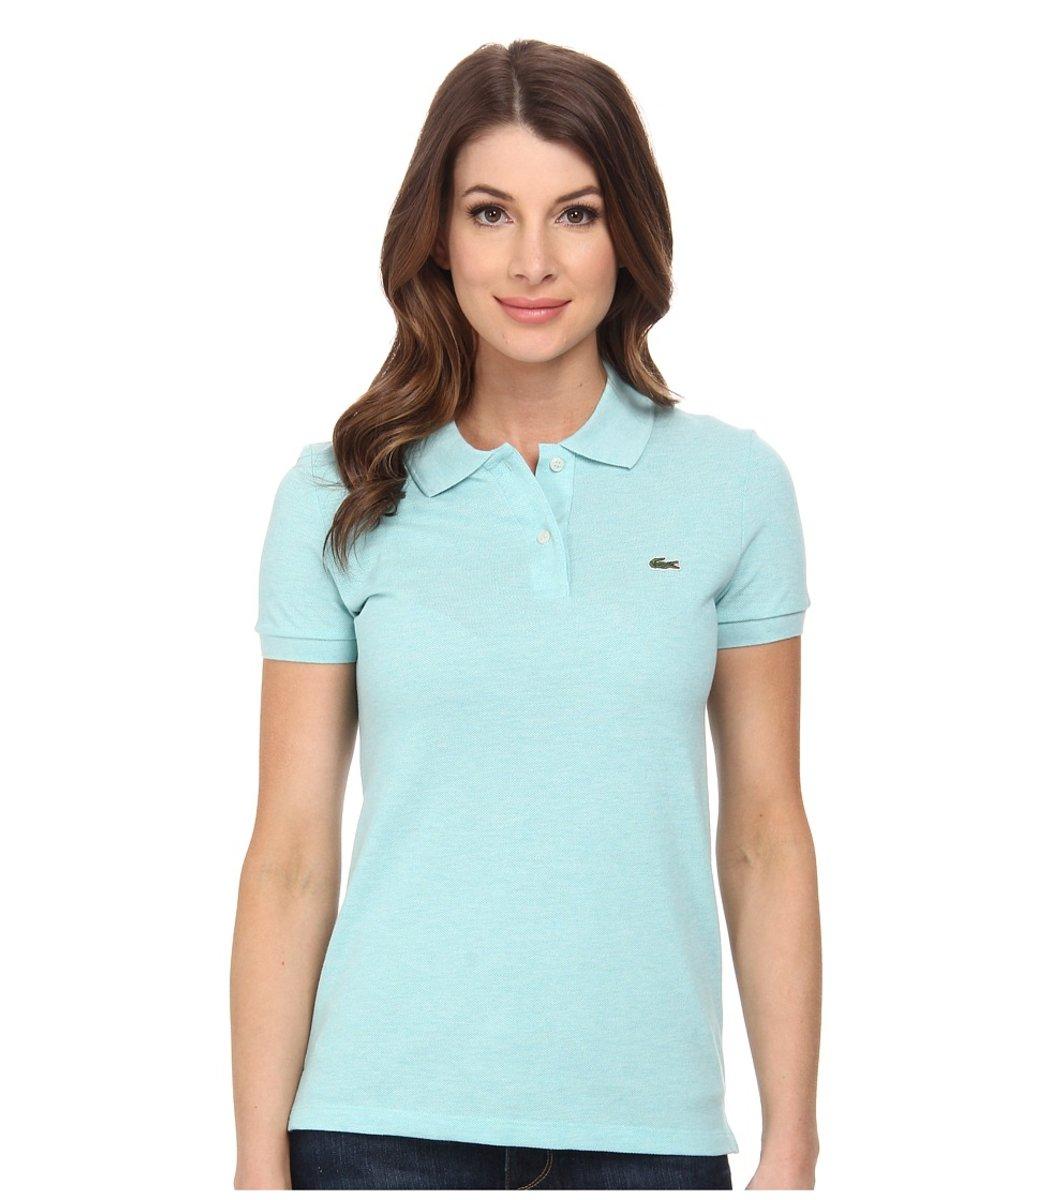 Женская светло-голубая футболка поло Lacoste - светло-голубой - Вид 1